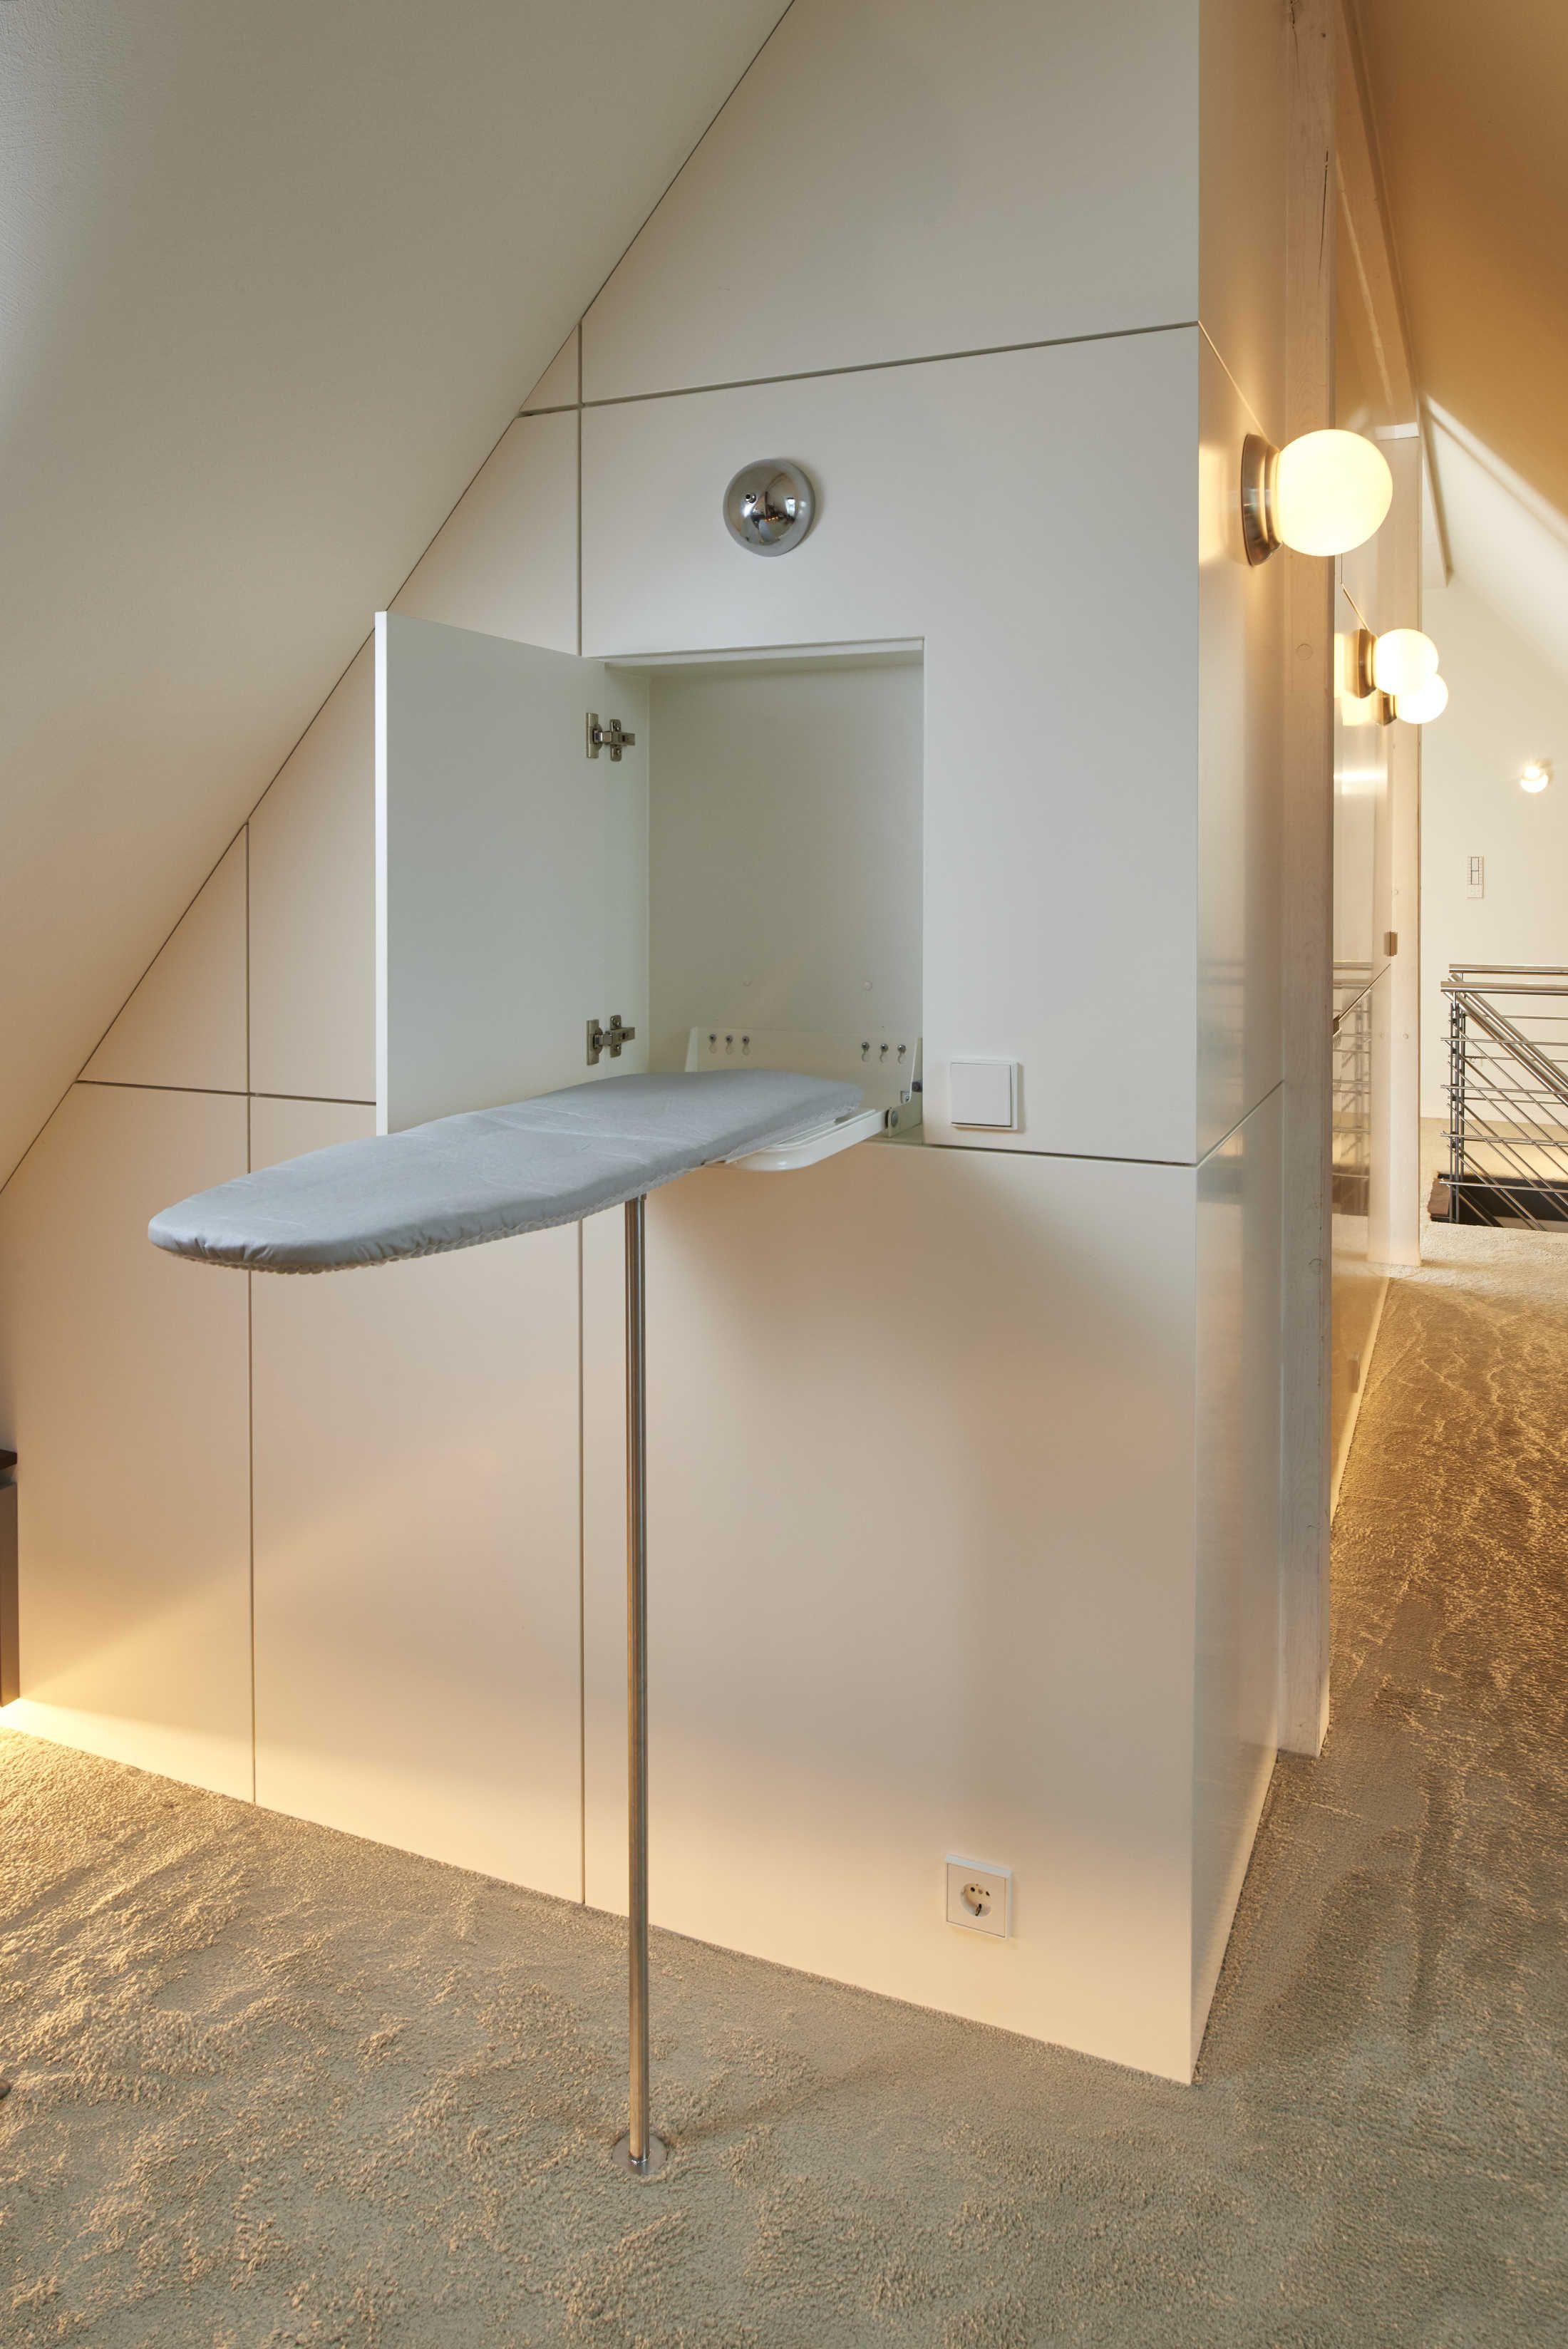 Dieses Dachgeschoss Wurde In Diverse Raumblocke Unterteilt Und Beinhaltet Eine Be Begehbarer Kleiderschrank Dachschrage Ankleide Kleiderschrank Fur Dachschrage